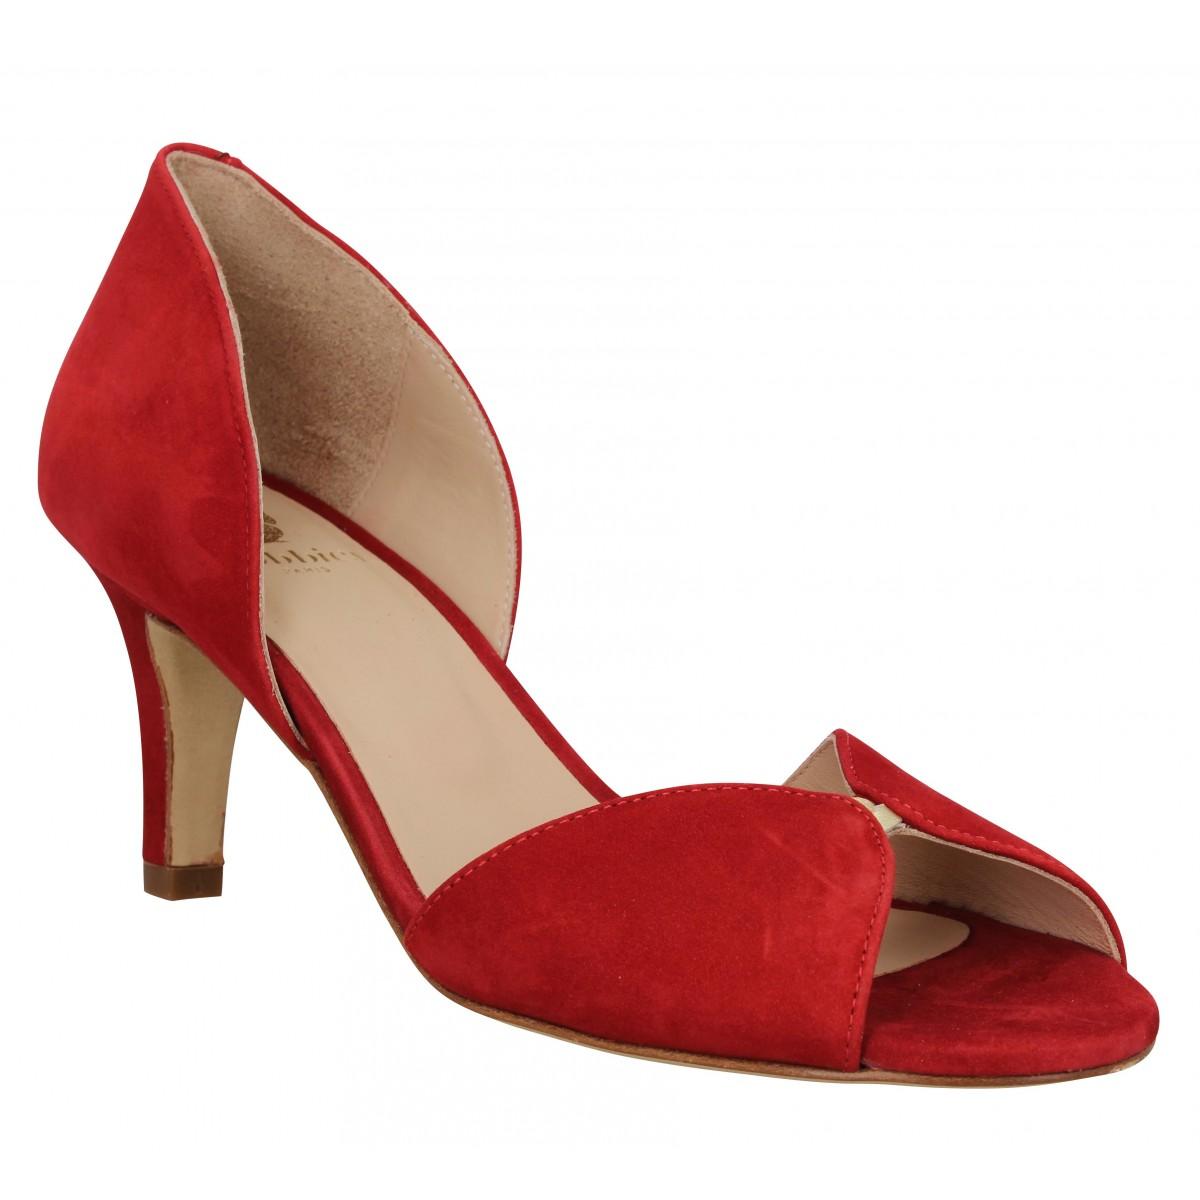 Sandales talons BOBBIES La Secrete velours Femme Rouge